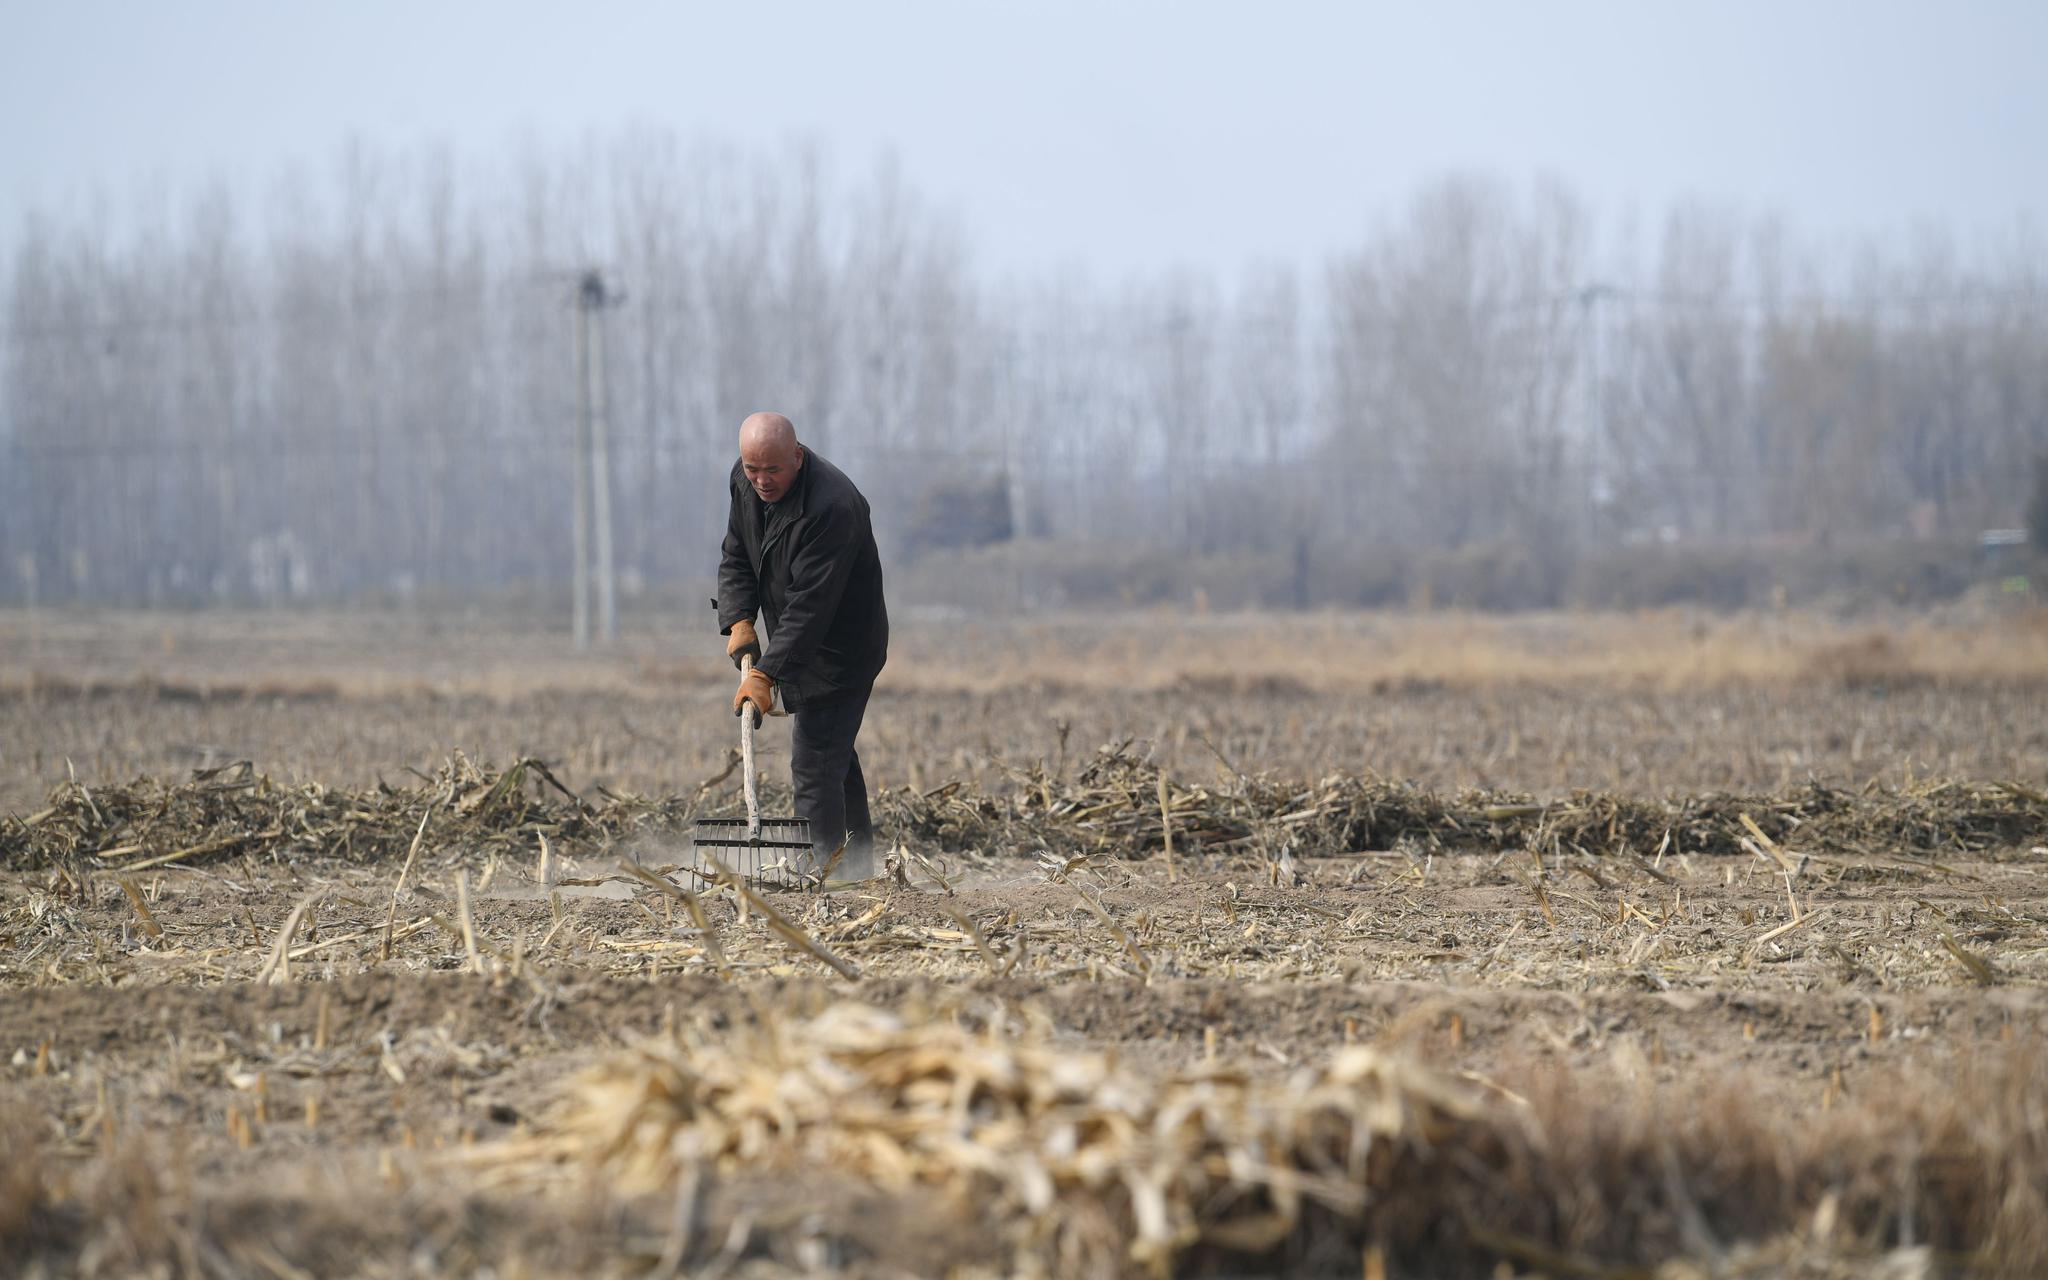 理地备耕,京郊农民忙起来图片